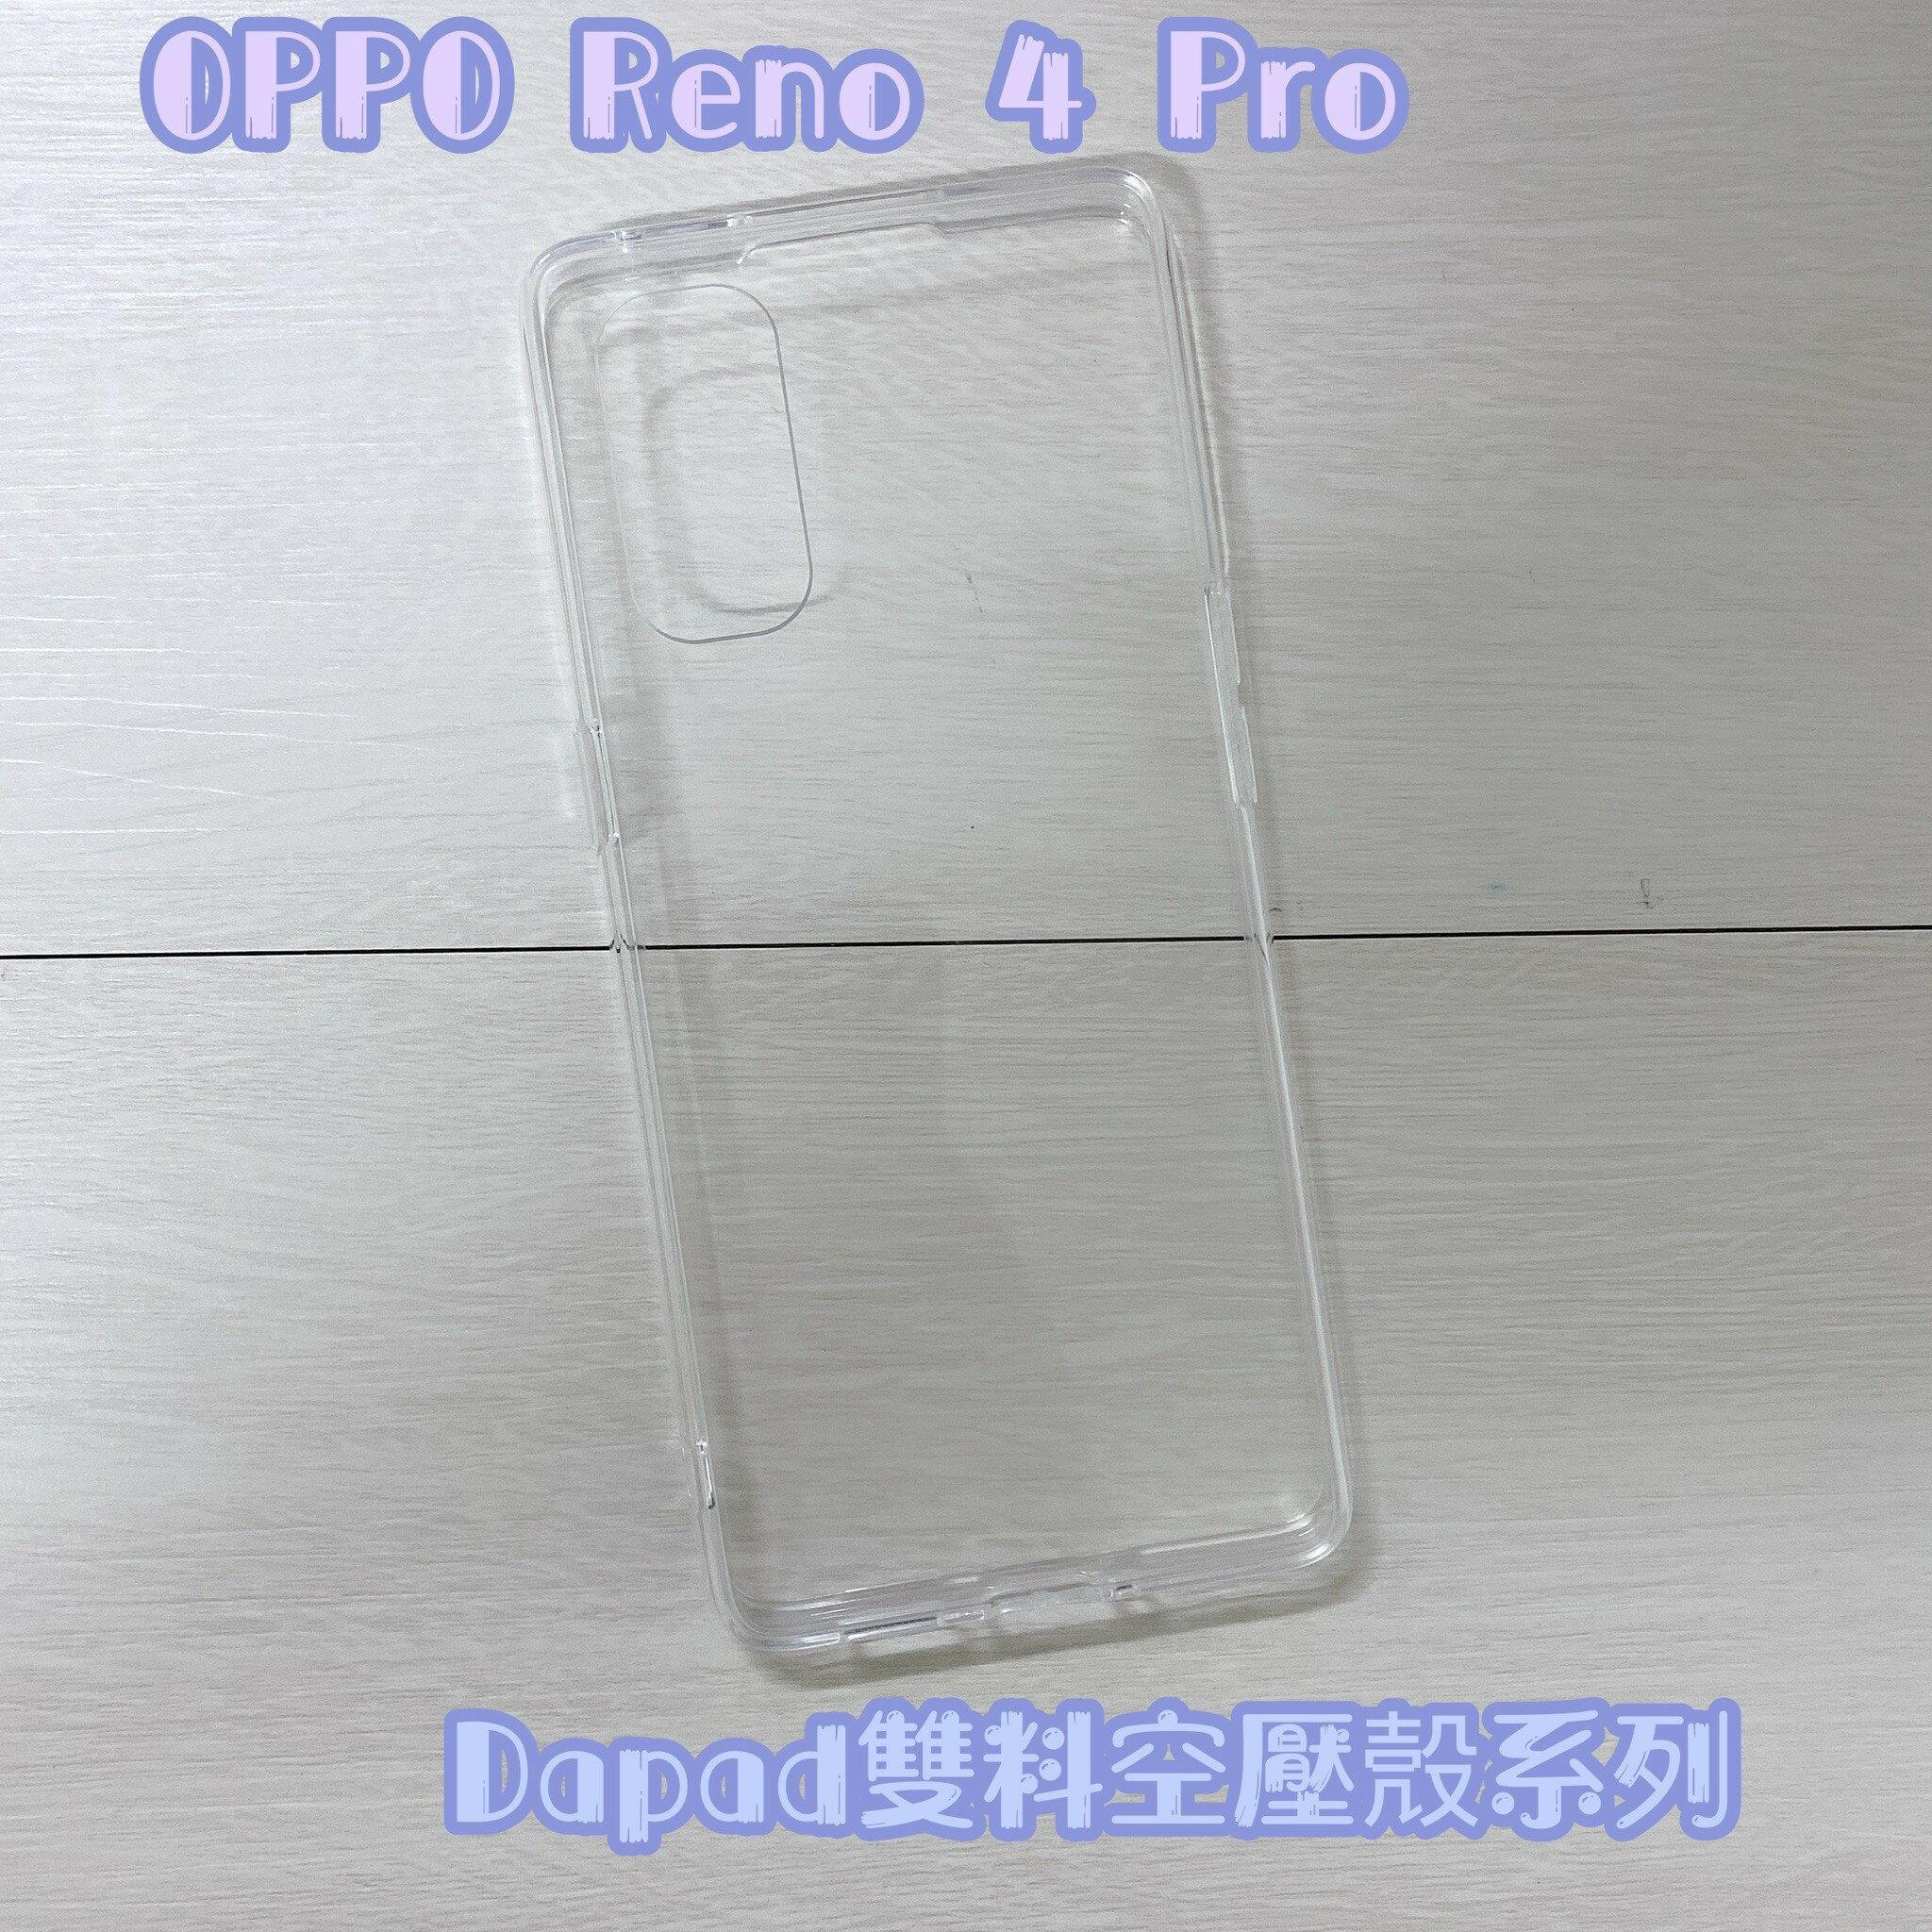 """""""扛霸子"""" Dapad OPPO Reno 4 Pro 雙料空壓殼 手機殼保護殼背蓋"""